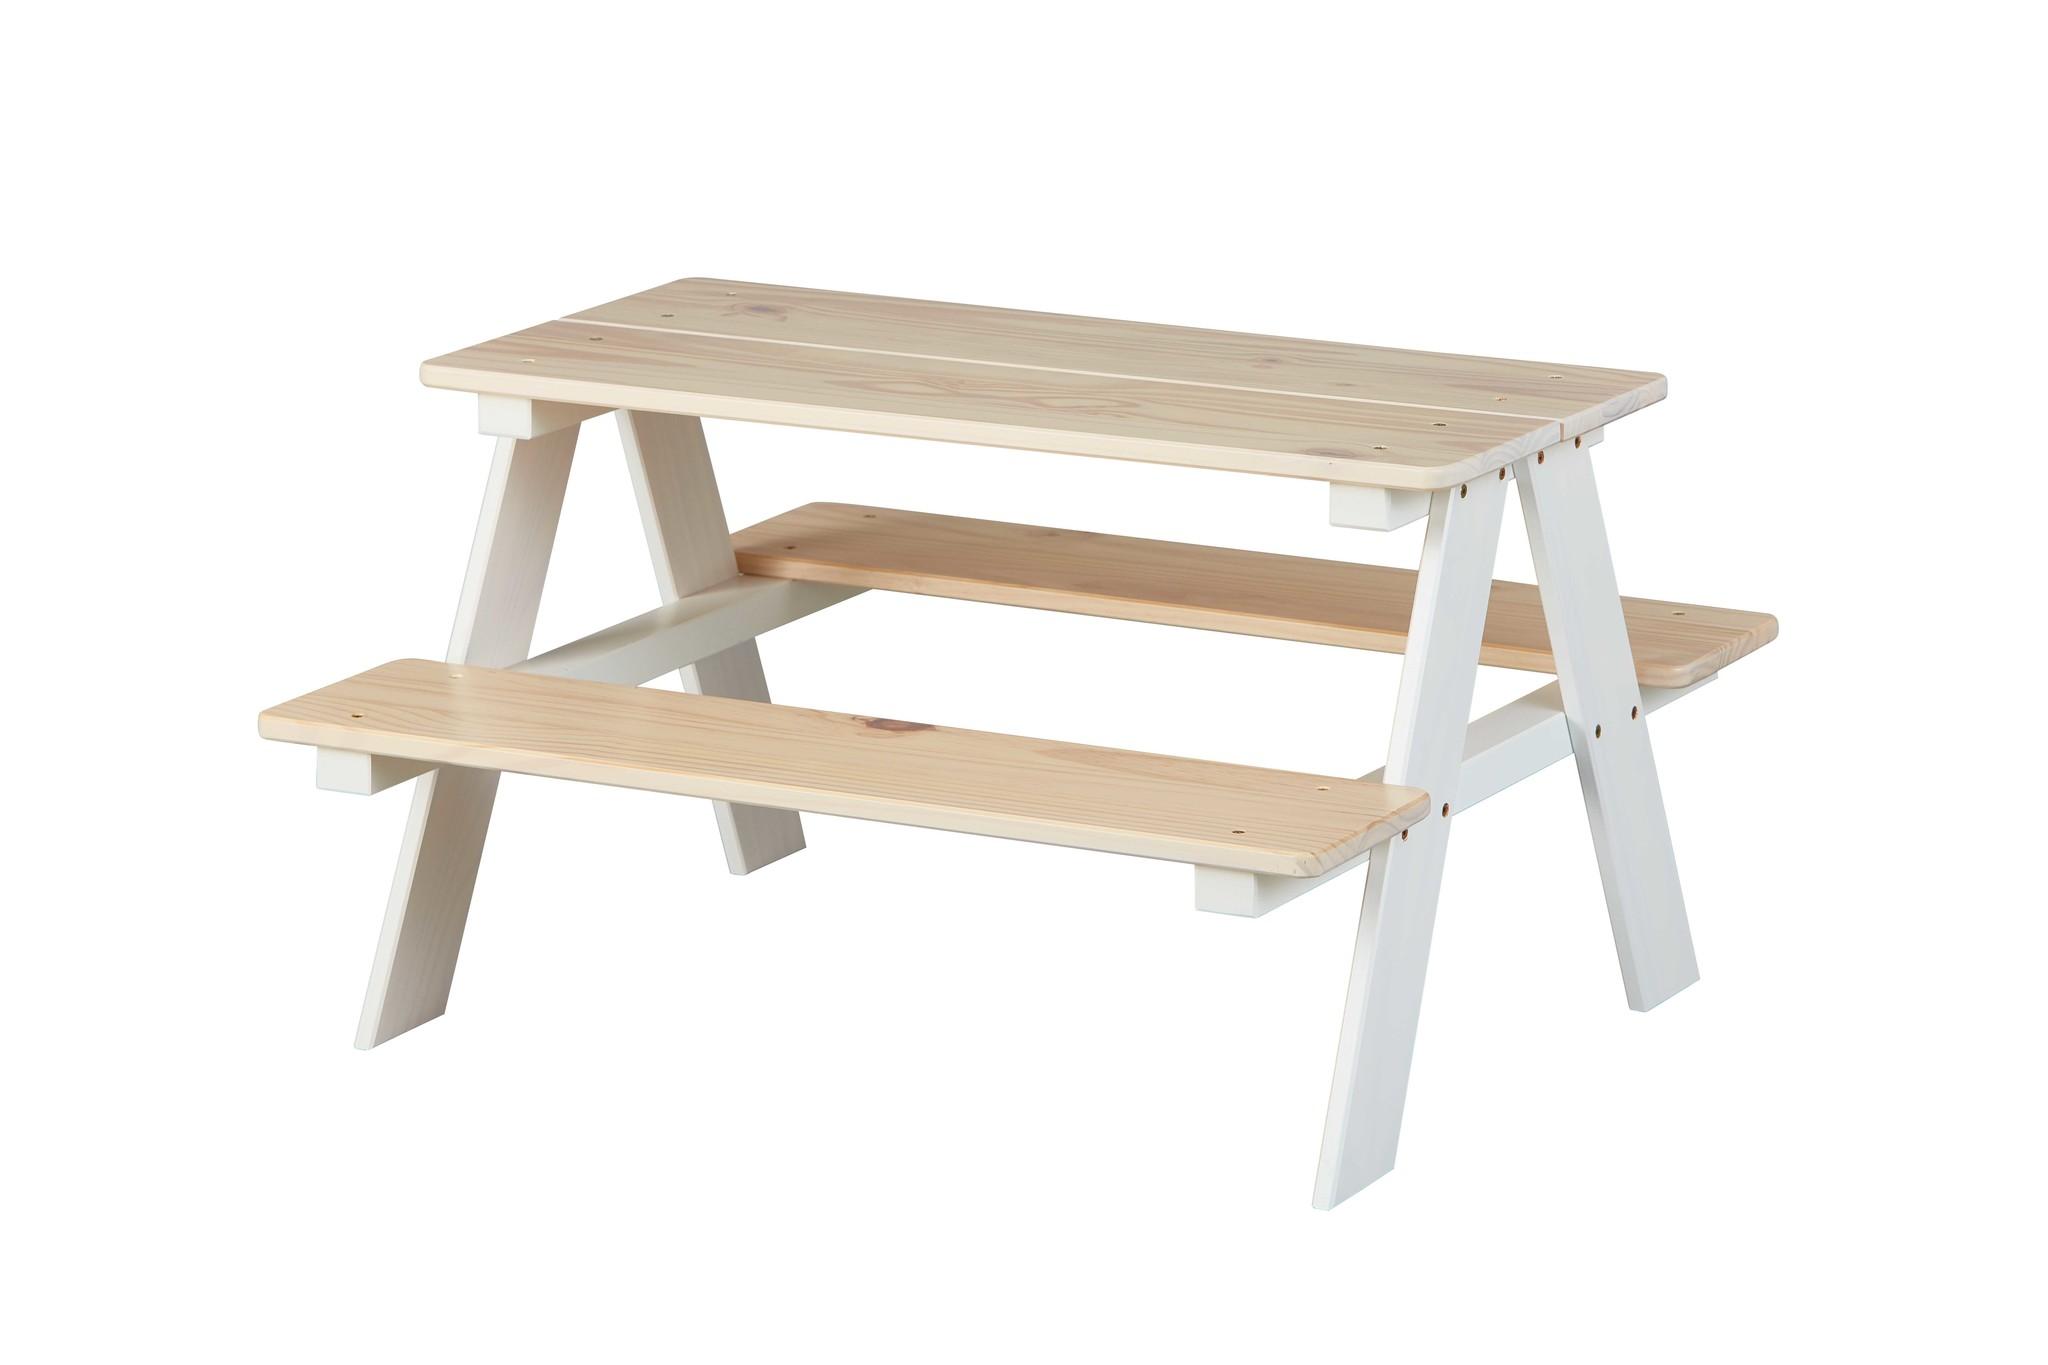 Kinderpicknicktafel Henning